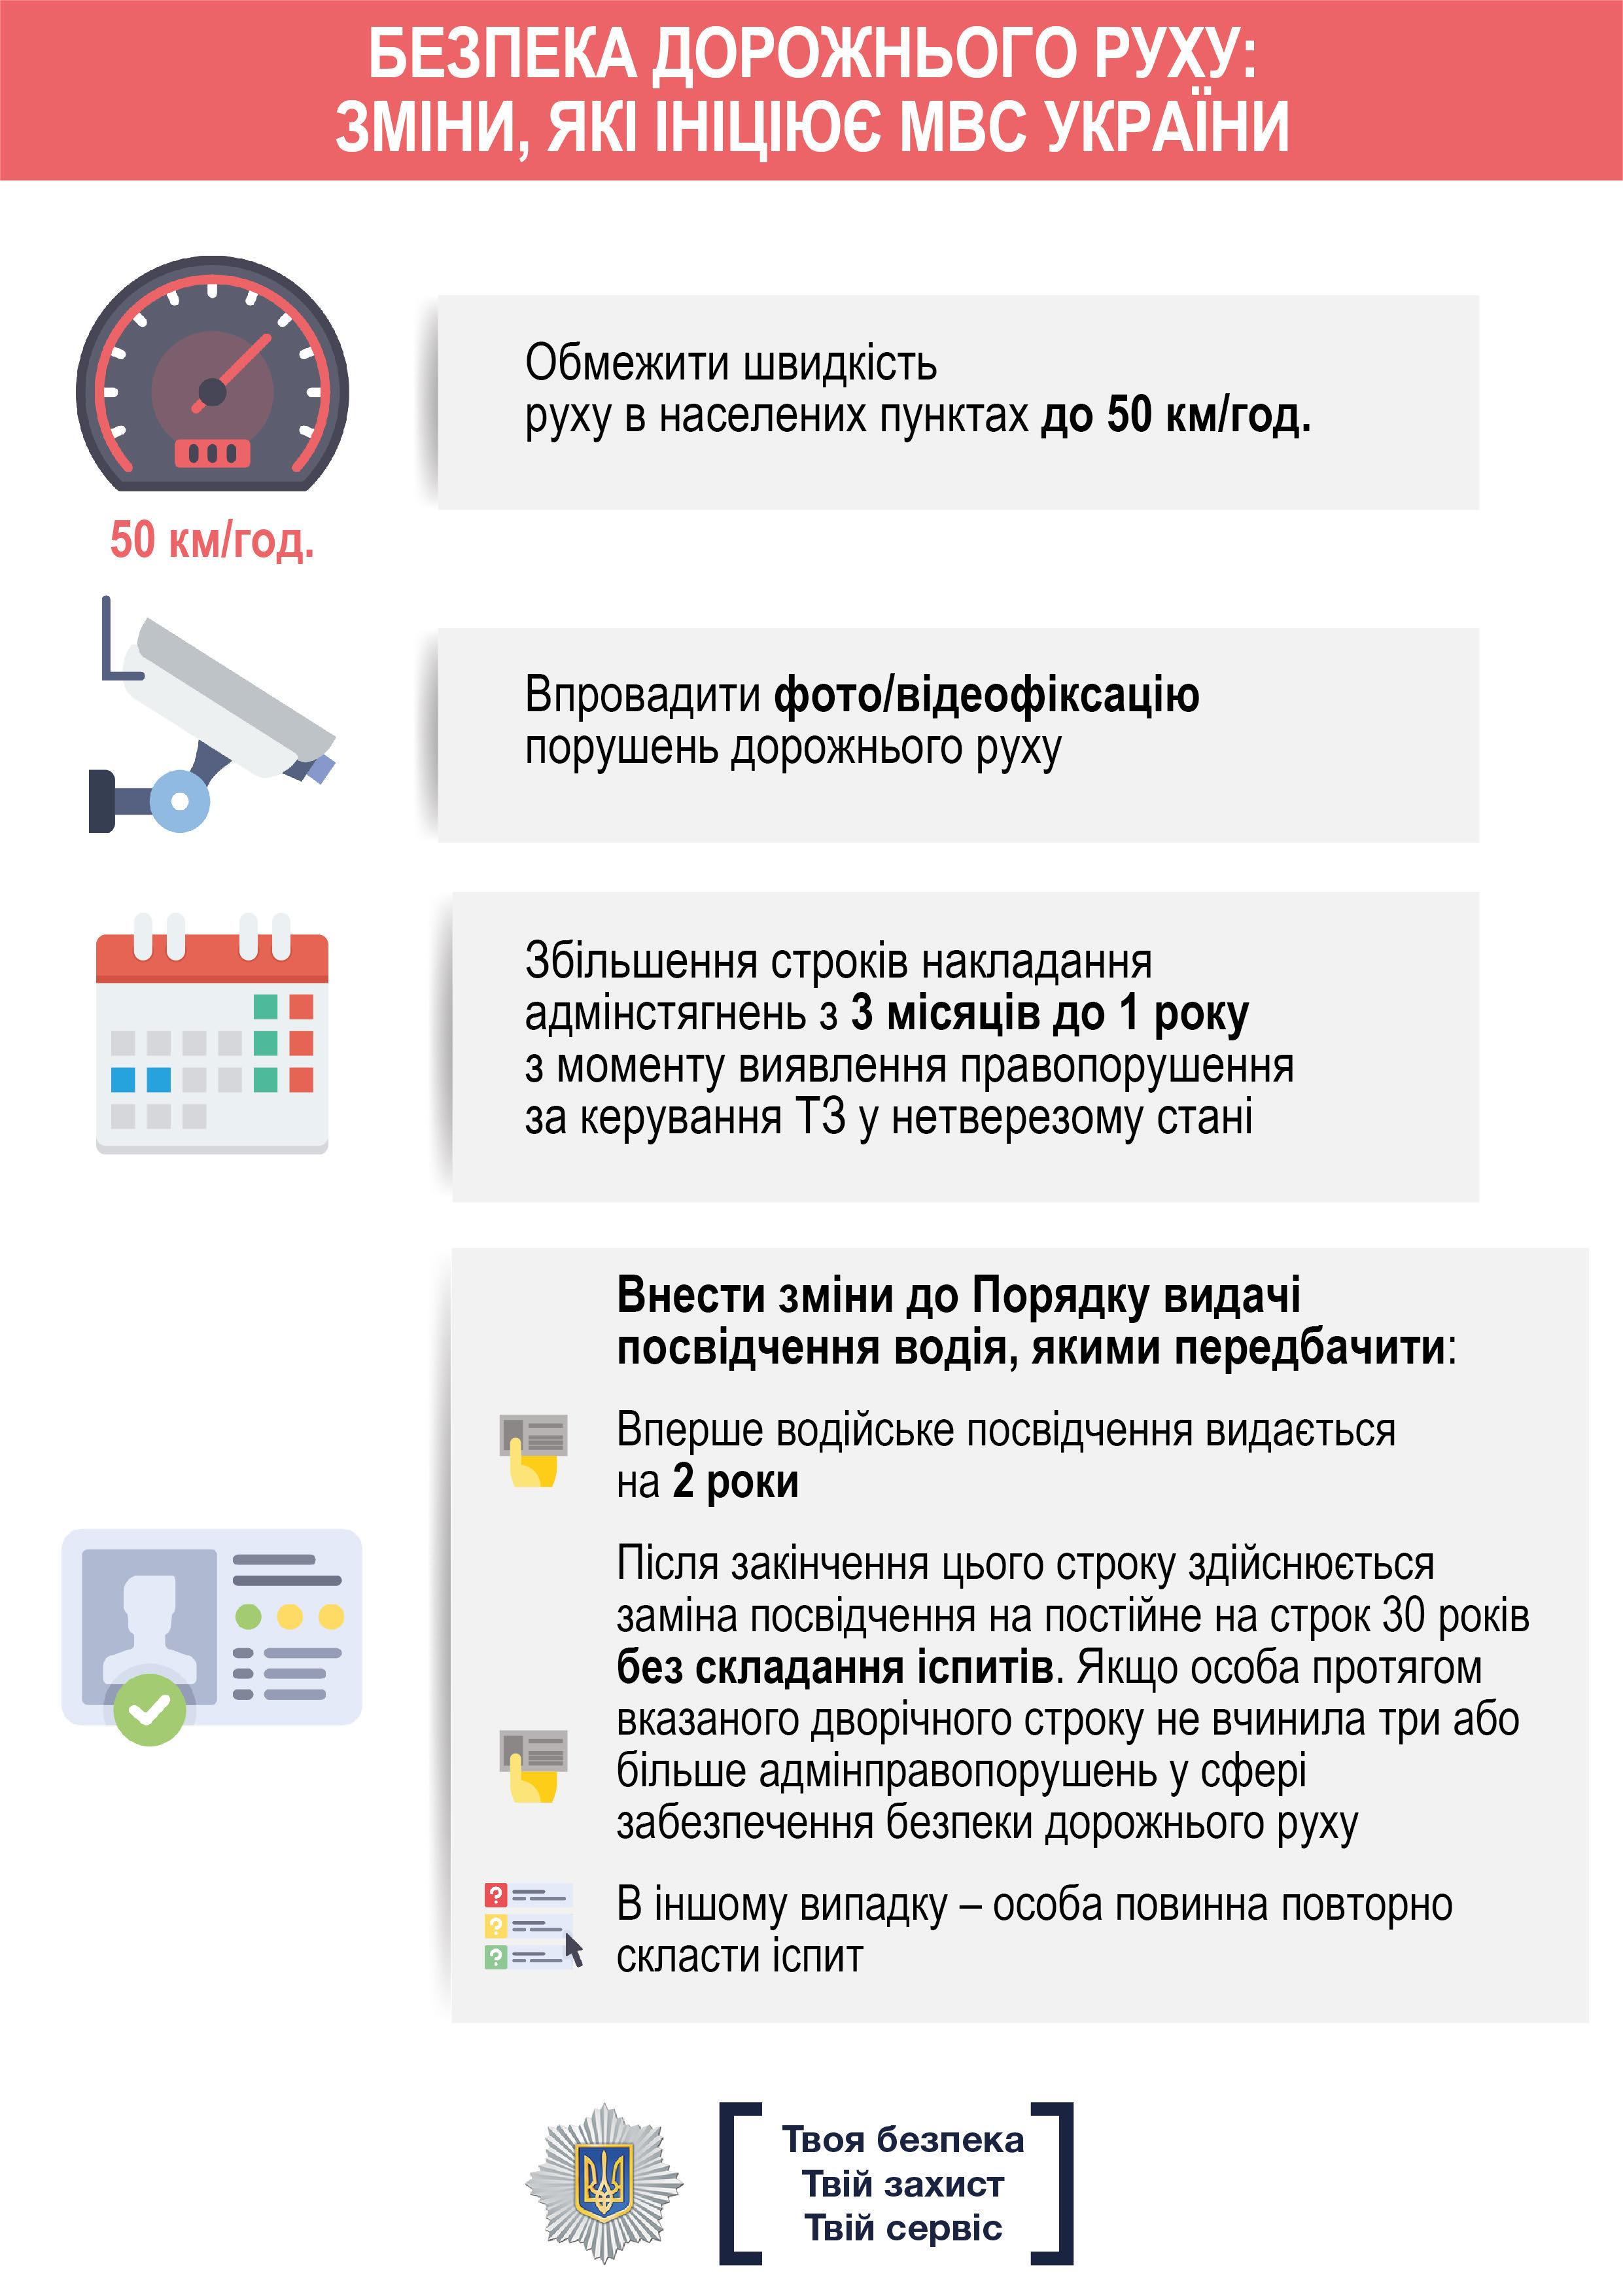 Арсен Аваков: За півтора року в Україні встановлять близько 4 тис. камер відеофіксації